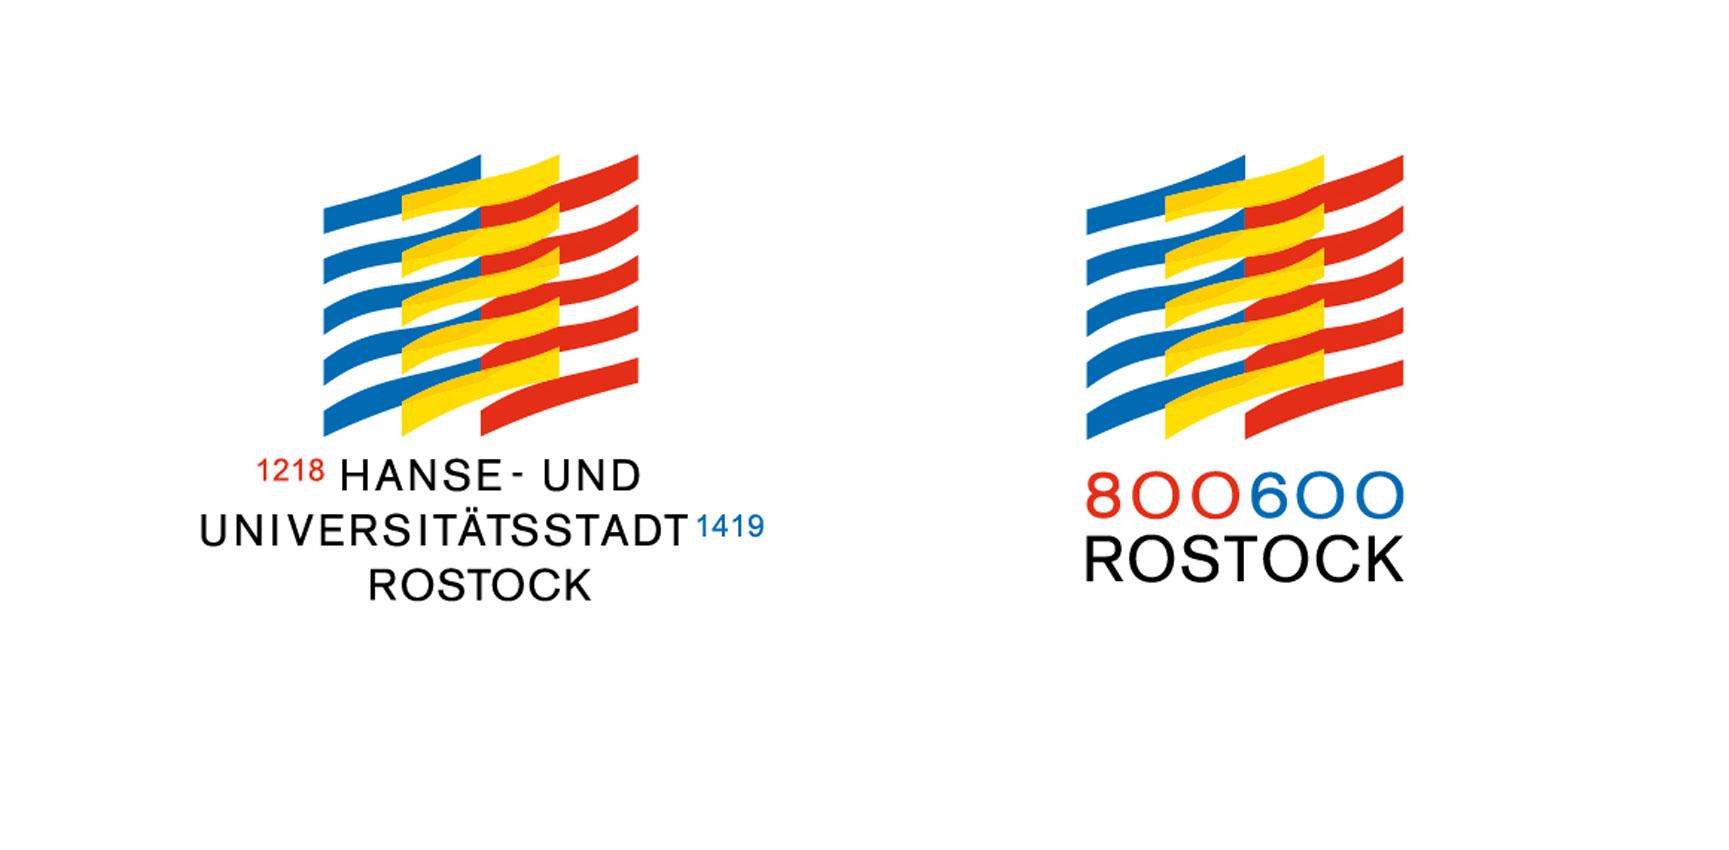 Signetentwicklung, Doppeljubiläum der Hanse- und Universitätsstadt Rostock 2018/2019 | Zuschlag nach Ausschreibung